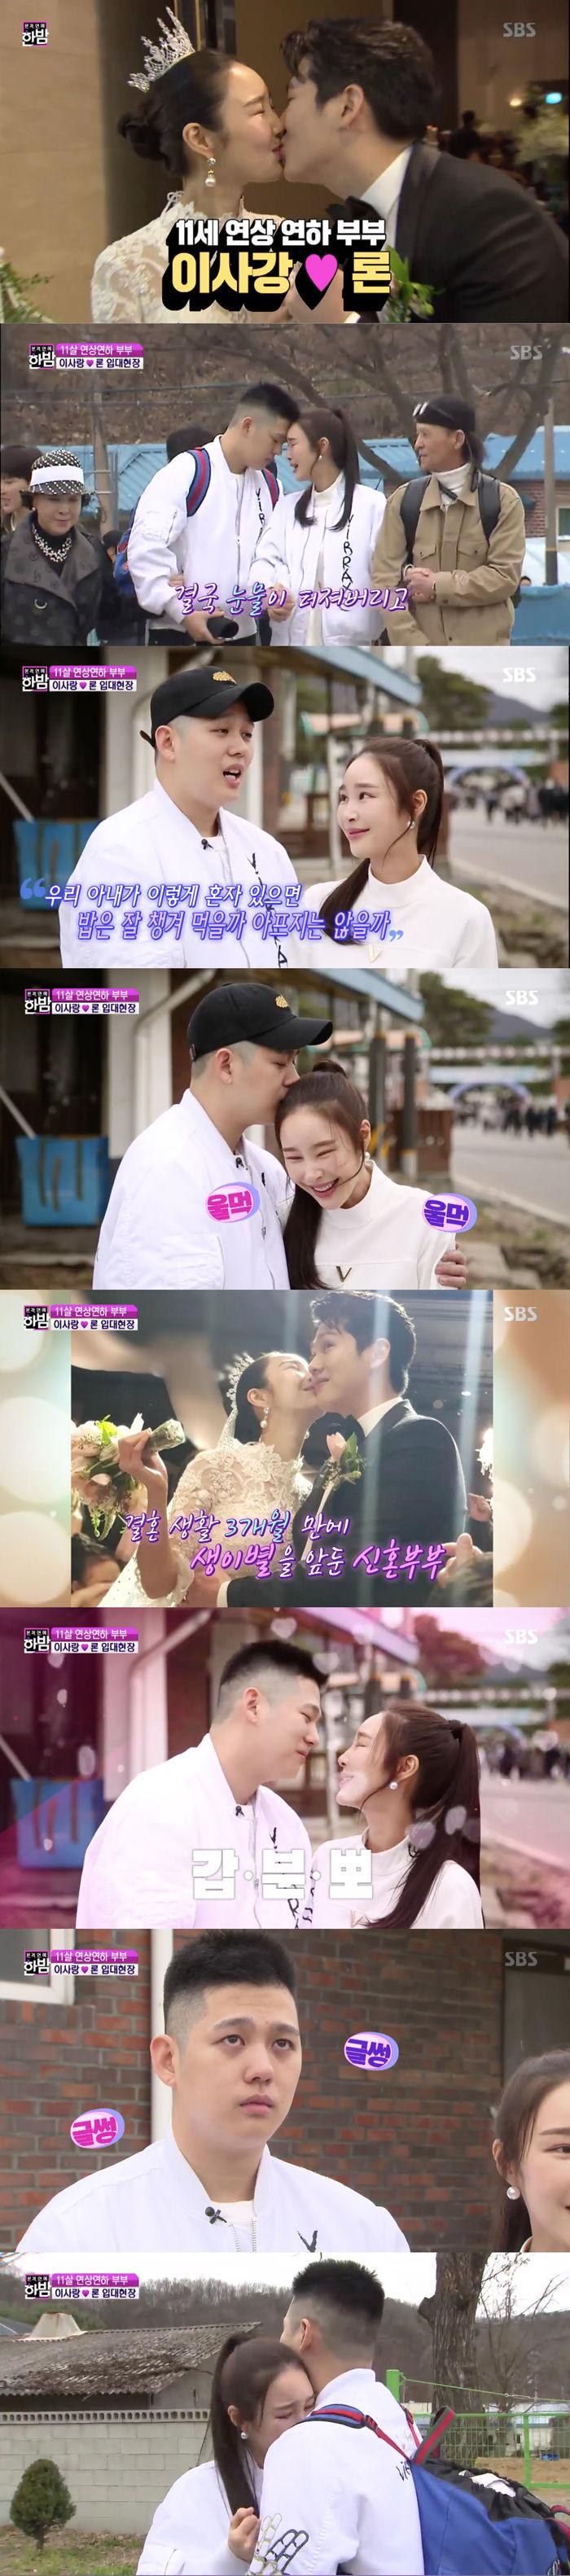 '한밤' 11세 연상 연하 이사강♥론, 결혼 3개월 만에 '군입대'로 이별…울다가도 '갑자기 분위기 뽀뽀'